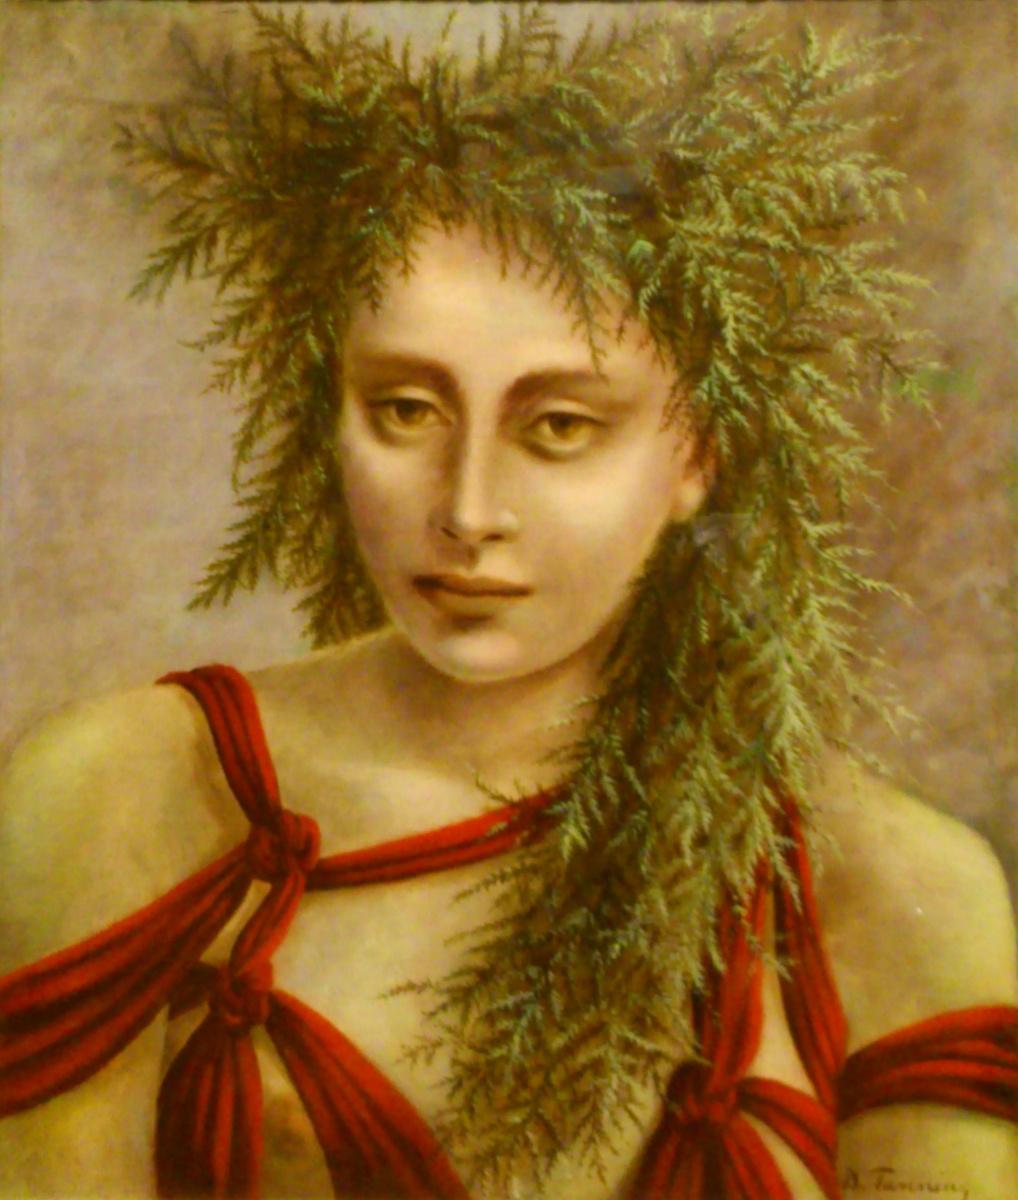 Доротея Таннинг. Дейдра